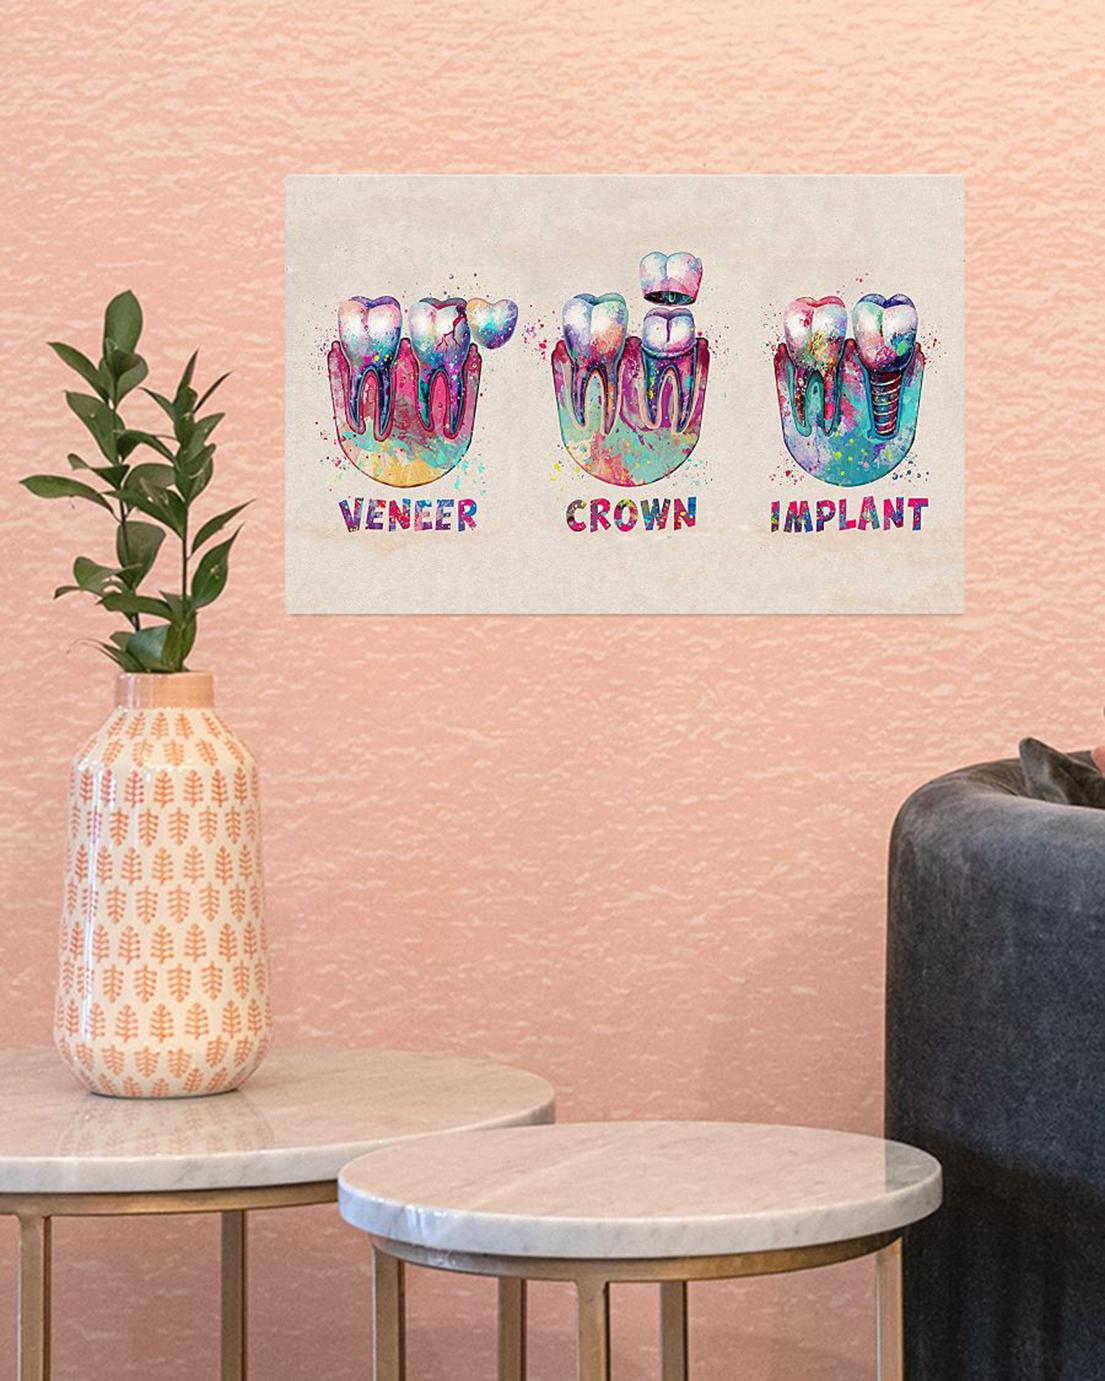 Dentist colorful teeth veneer crown implant poster